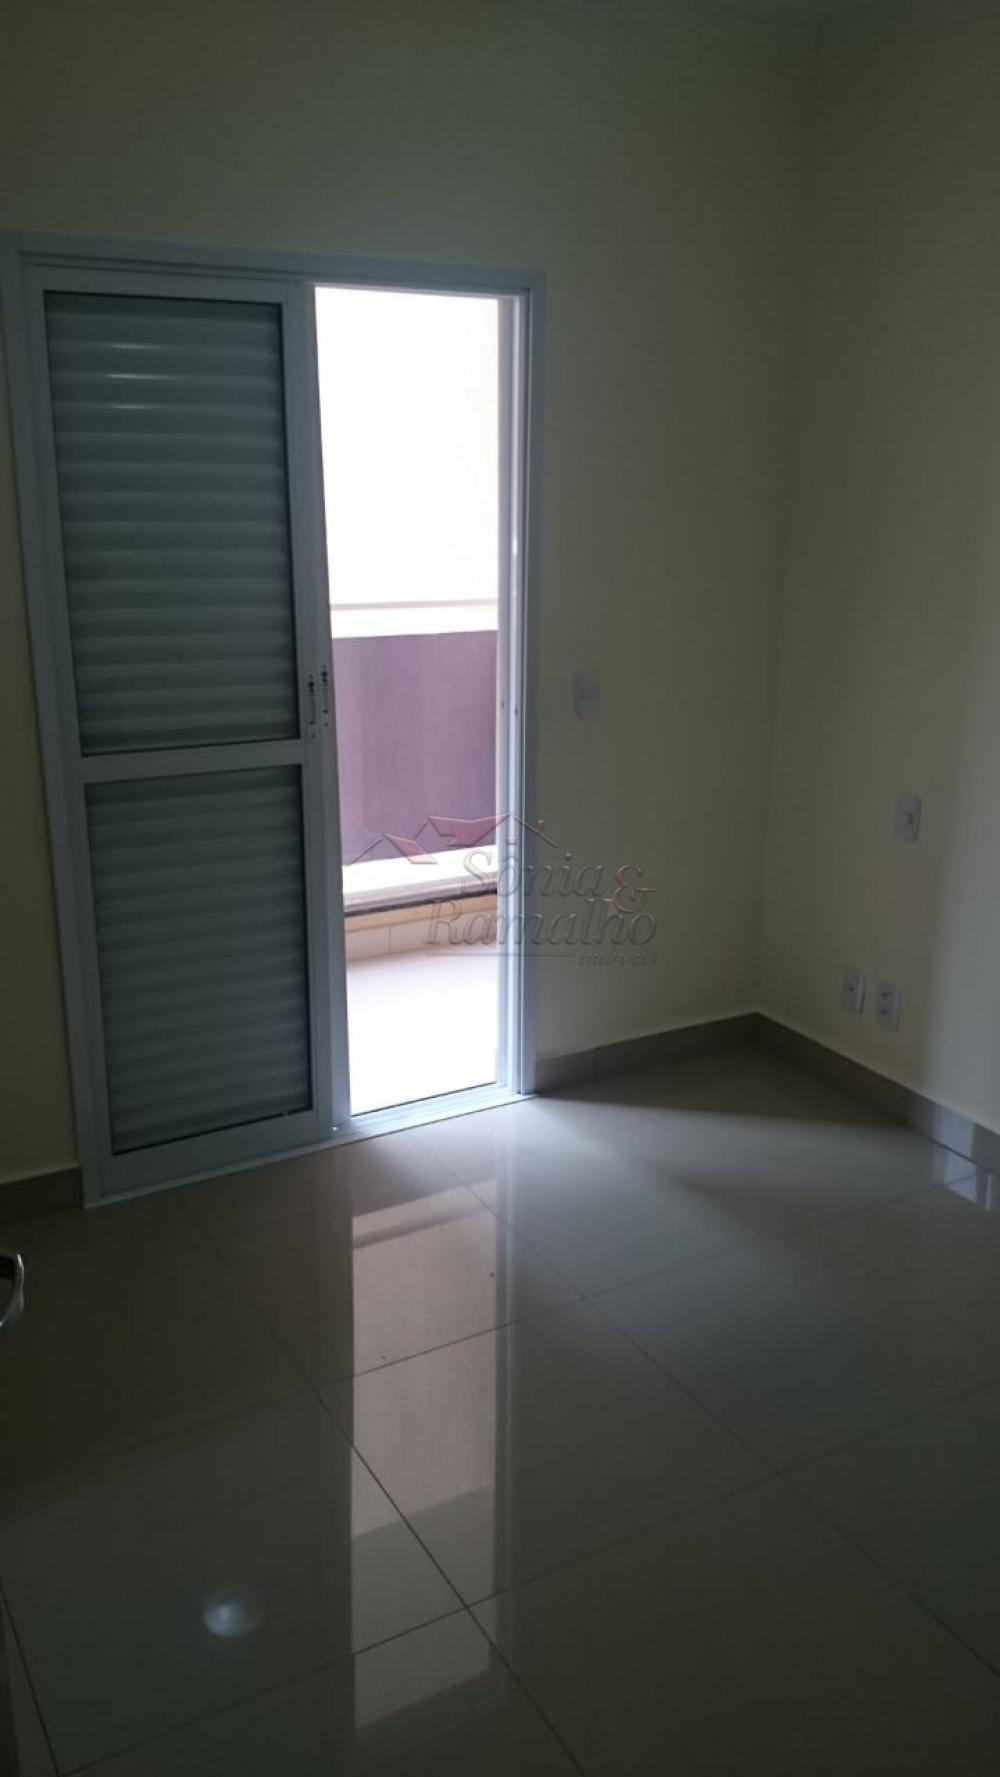 Comprar Apartamentos / Padrão em Ribeirão Preto apenas R$ 298.000,00 - Foto 12